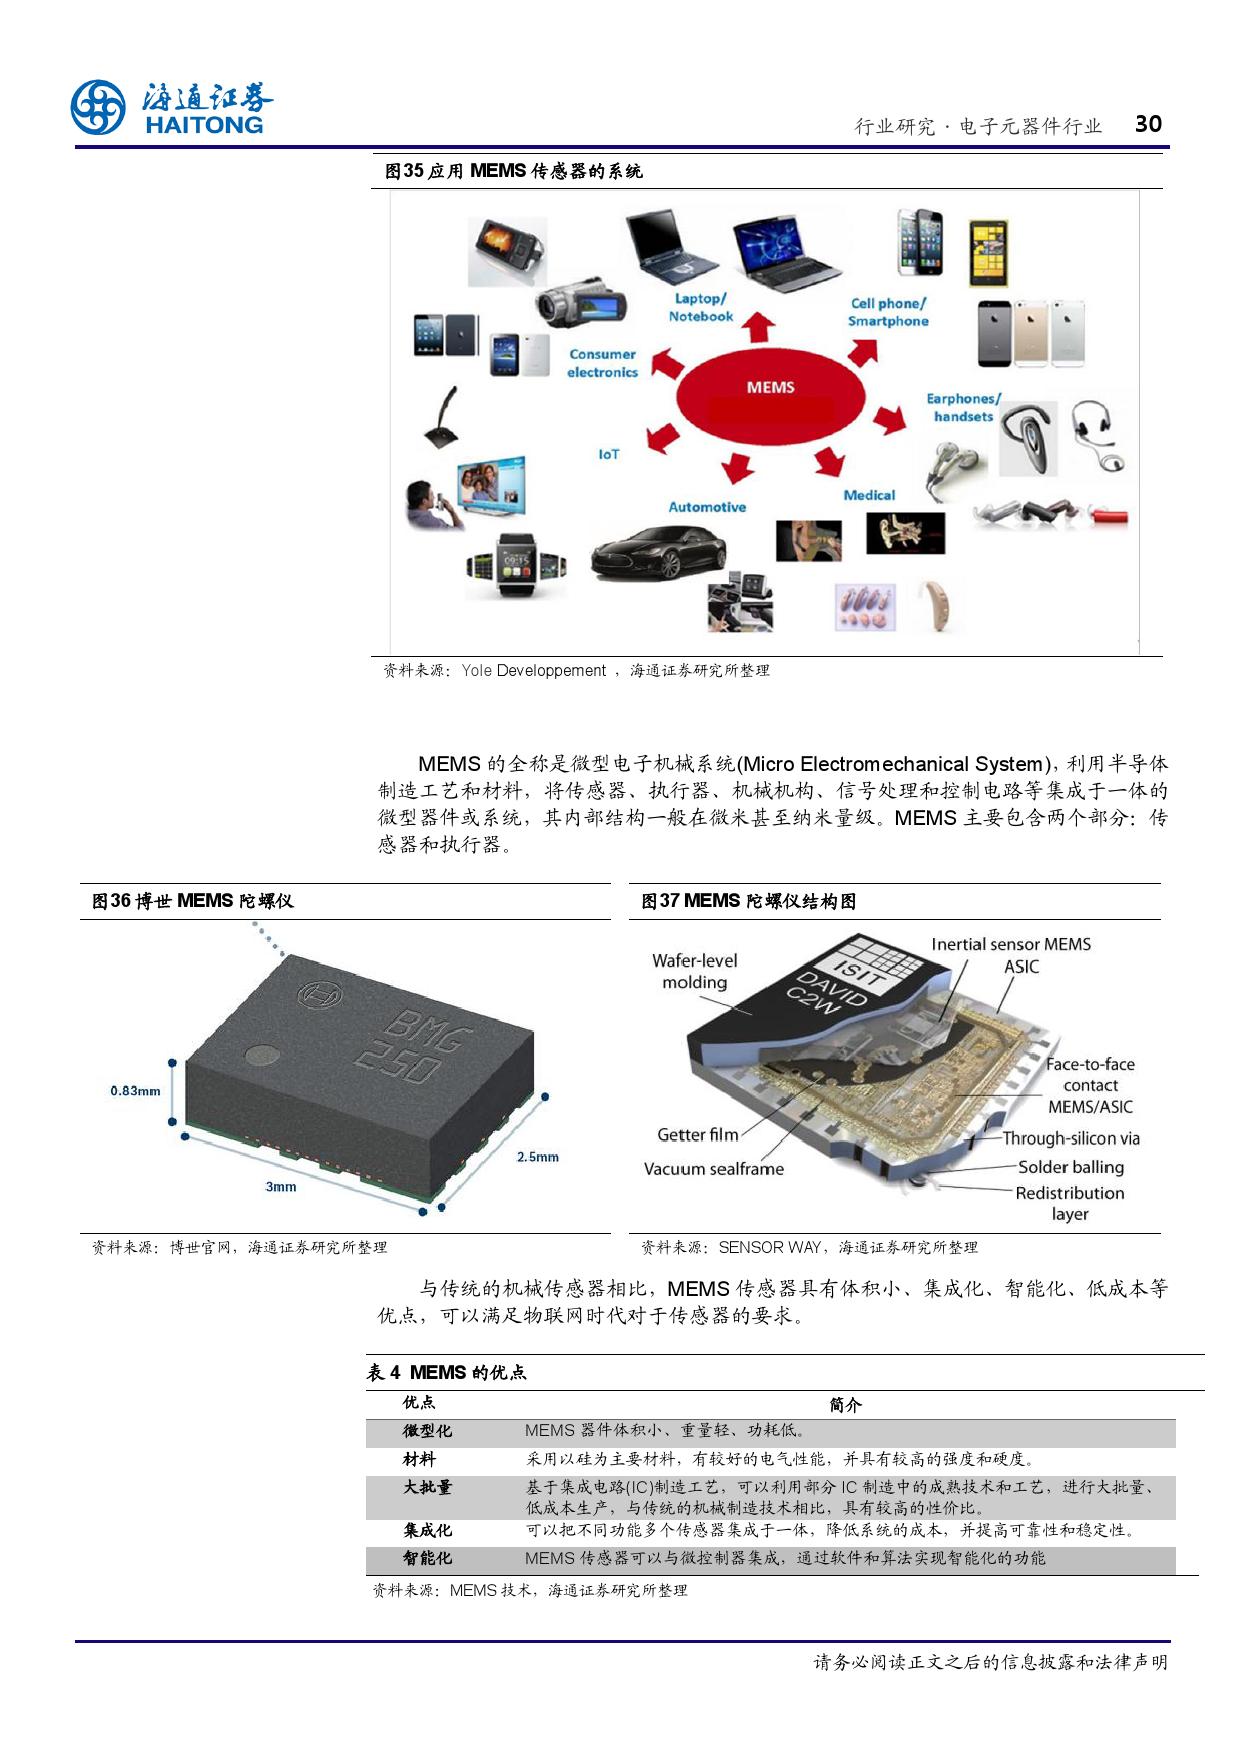 报告全解传感器全球产业链_000030